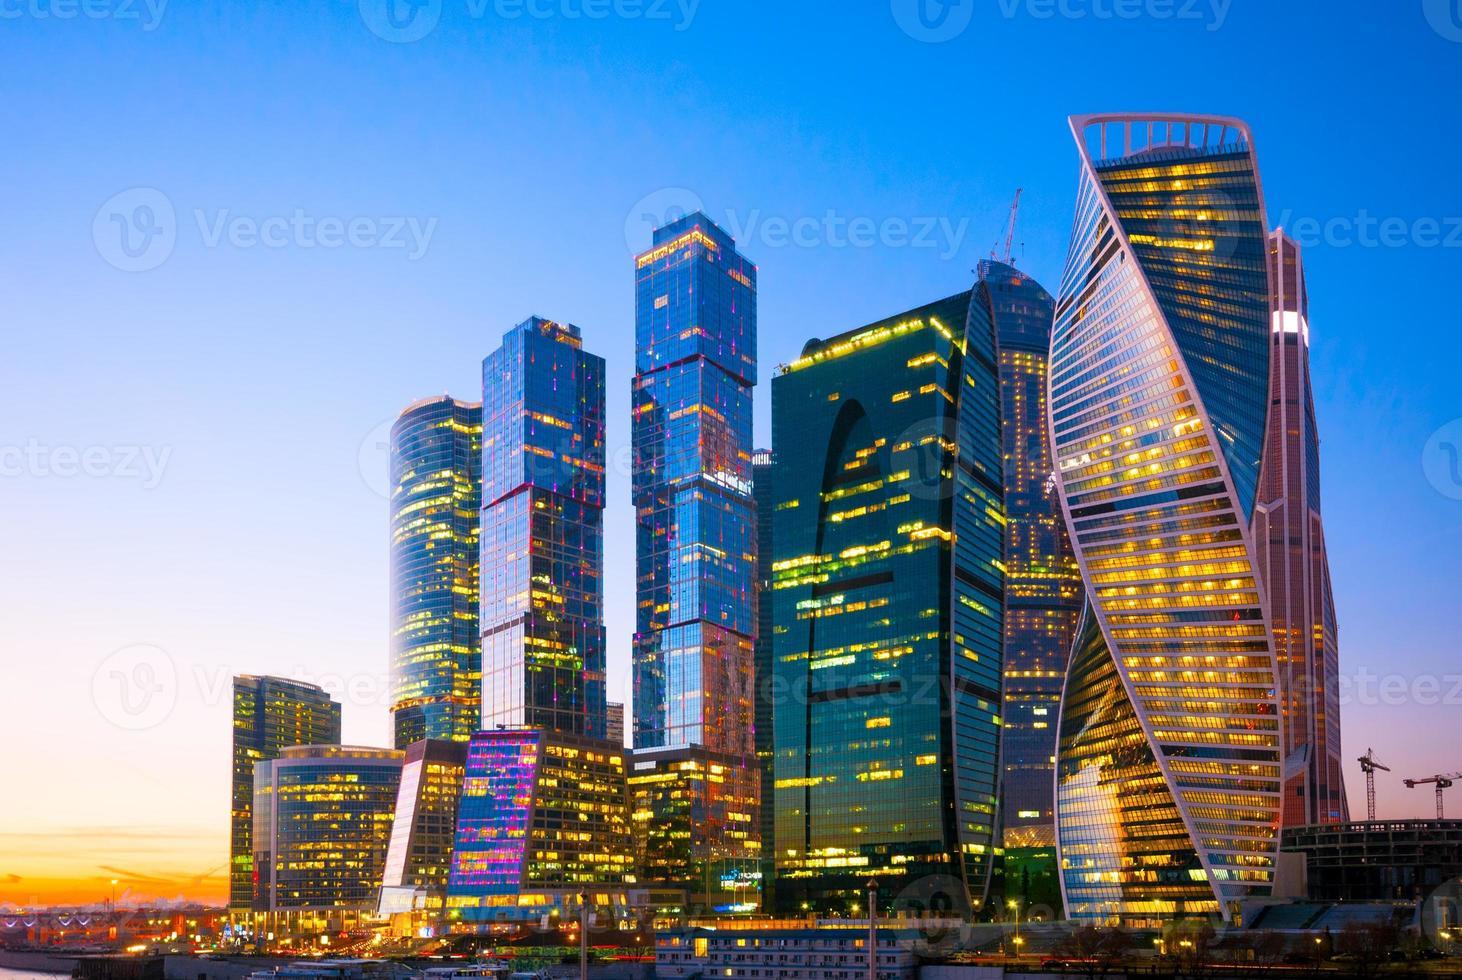 vista nocturna del centro de negocios internacionales de la ciudad de los rascacielos en foto